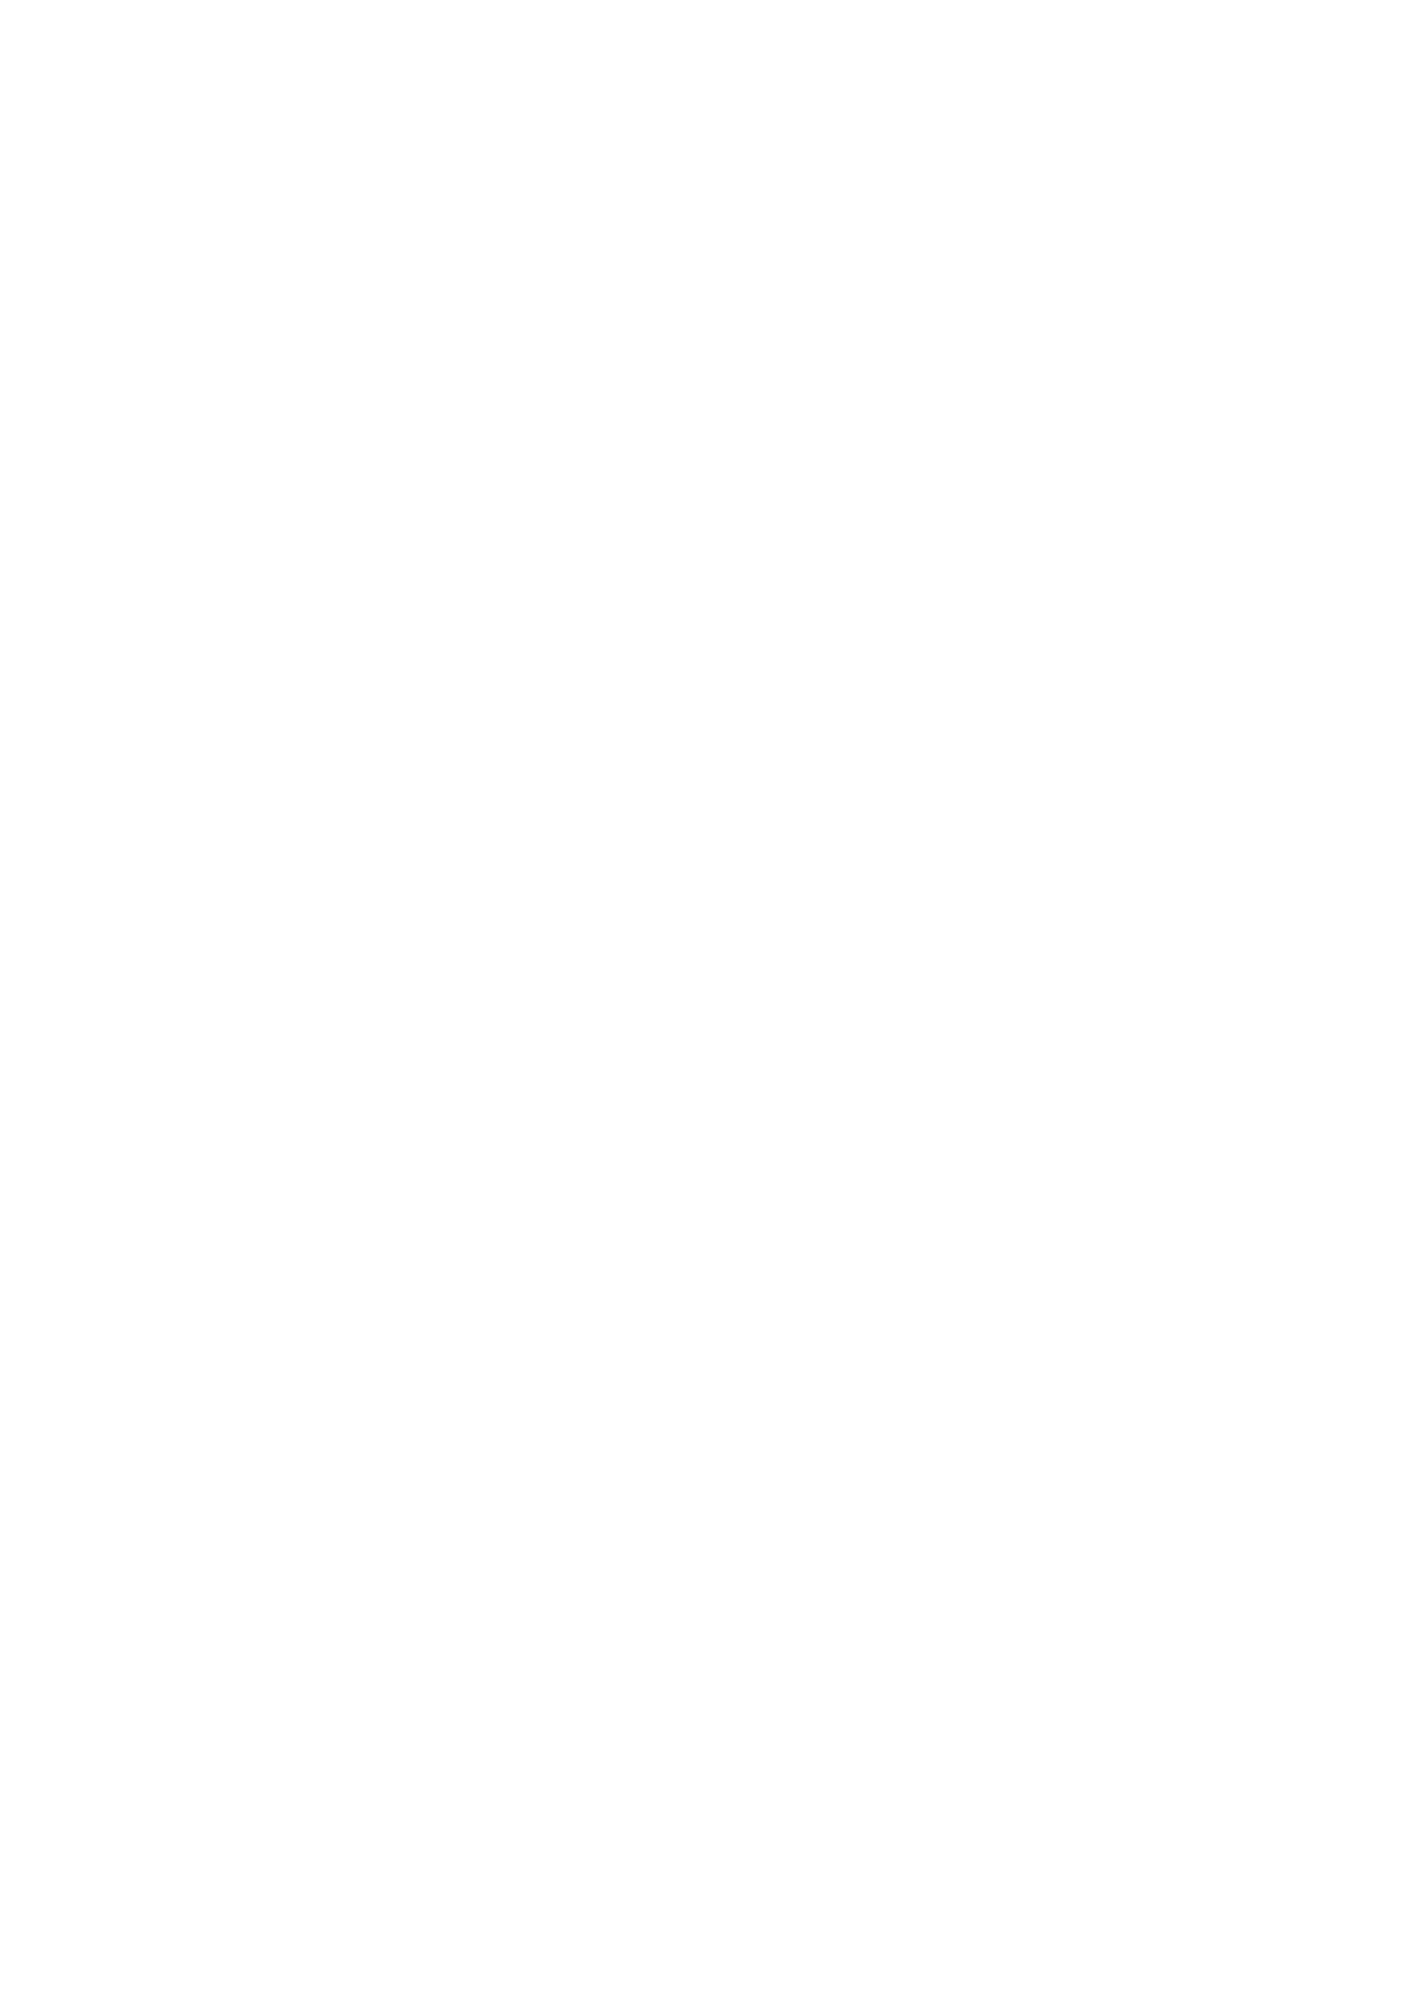 [Abradeli Kami (bobobo)] Kiruko-san no Joshiryoku Up Daisakusen | Kiruko's Womanly Power-Up Epic Battle (Shinmai Fukei Kiruko-san) [English] [Koukai Shokei] [Digital] 26